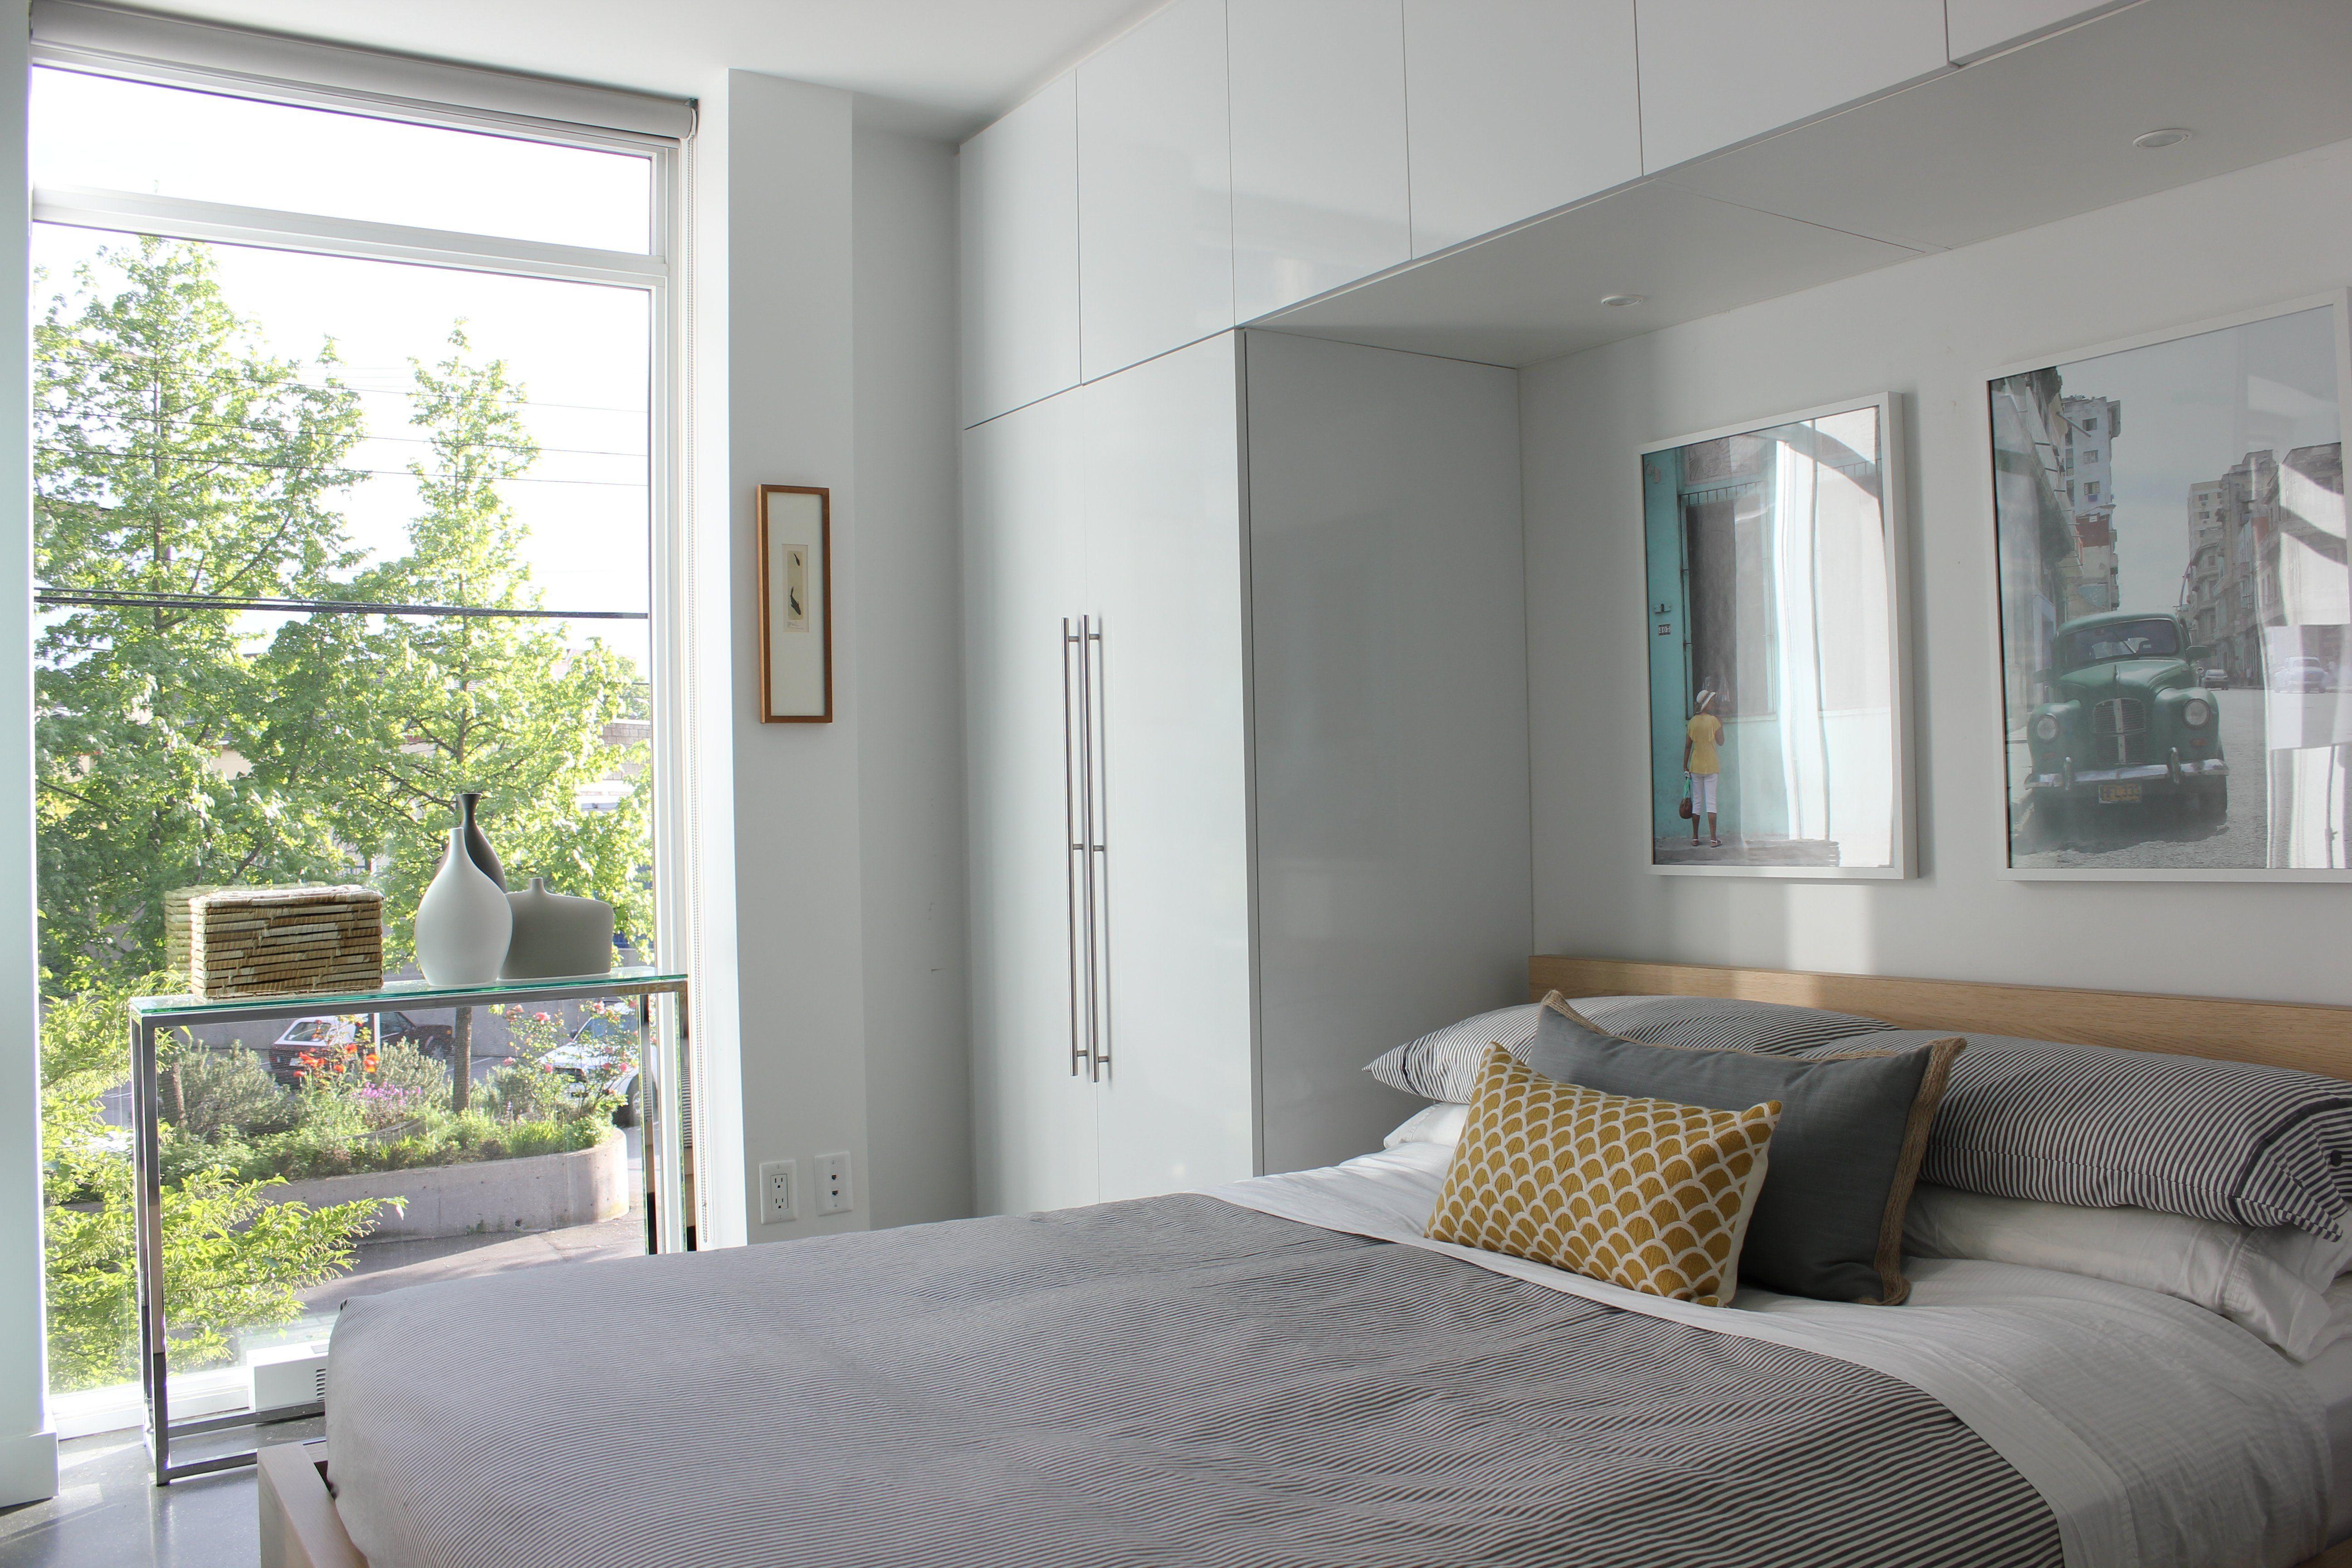 7 ideas para ganar espacio en tu dormitorio ideas - Plaqueta decorativa barata ...